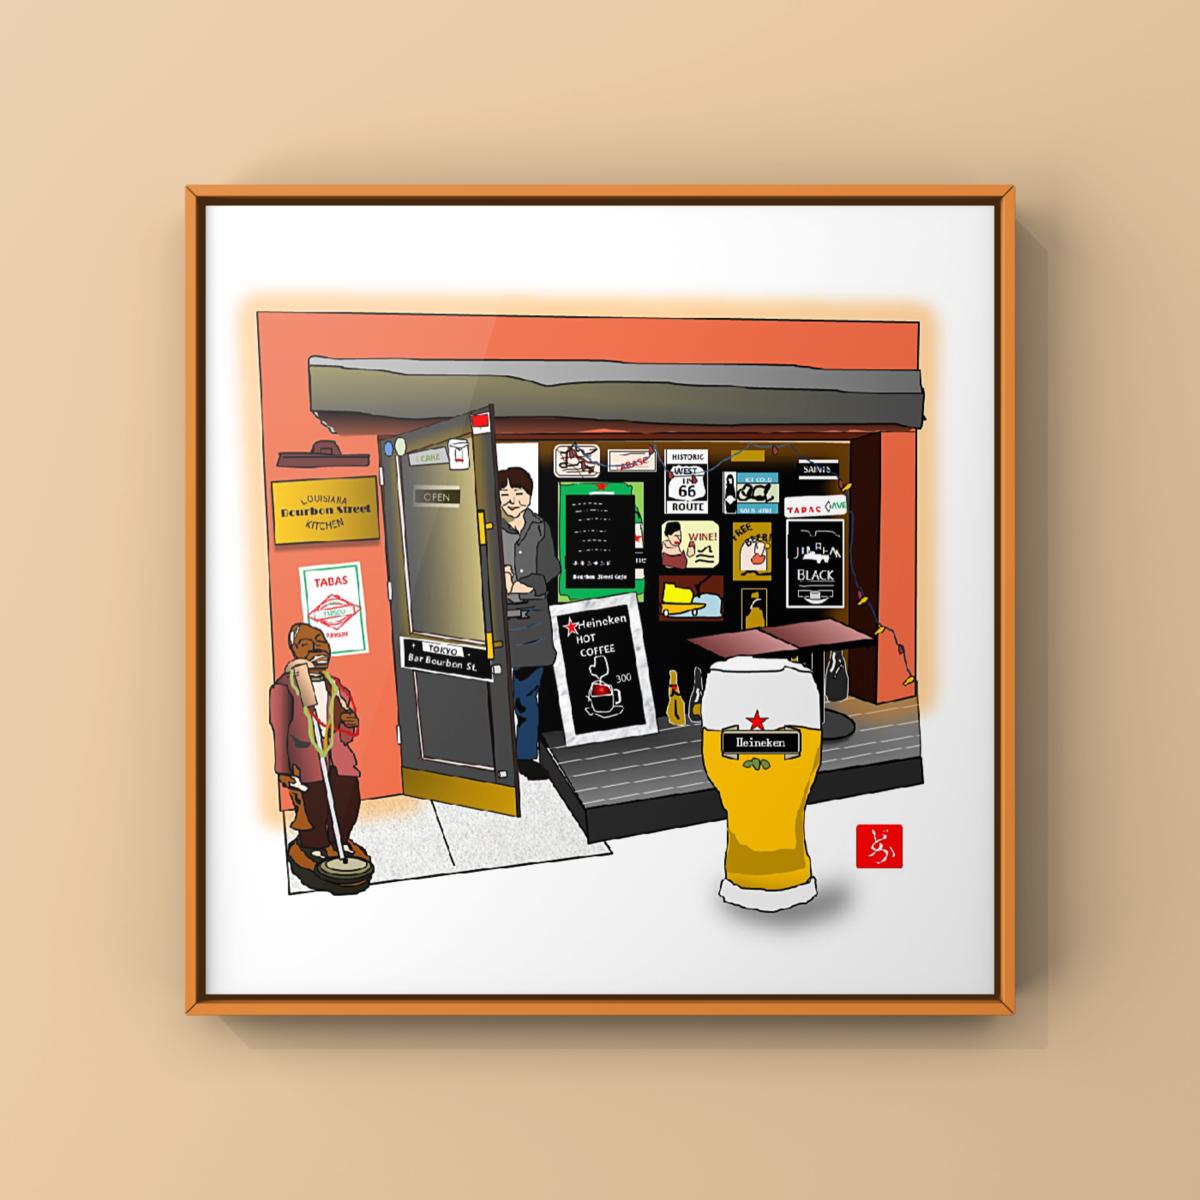 六本木にあったケイジャン料理カフェレストラン「バーボンストリート」のエクセル画額装版